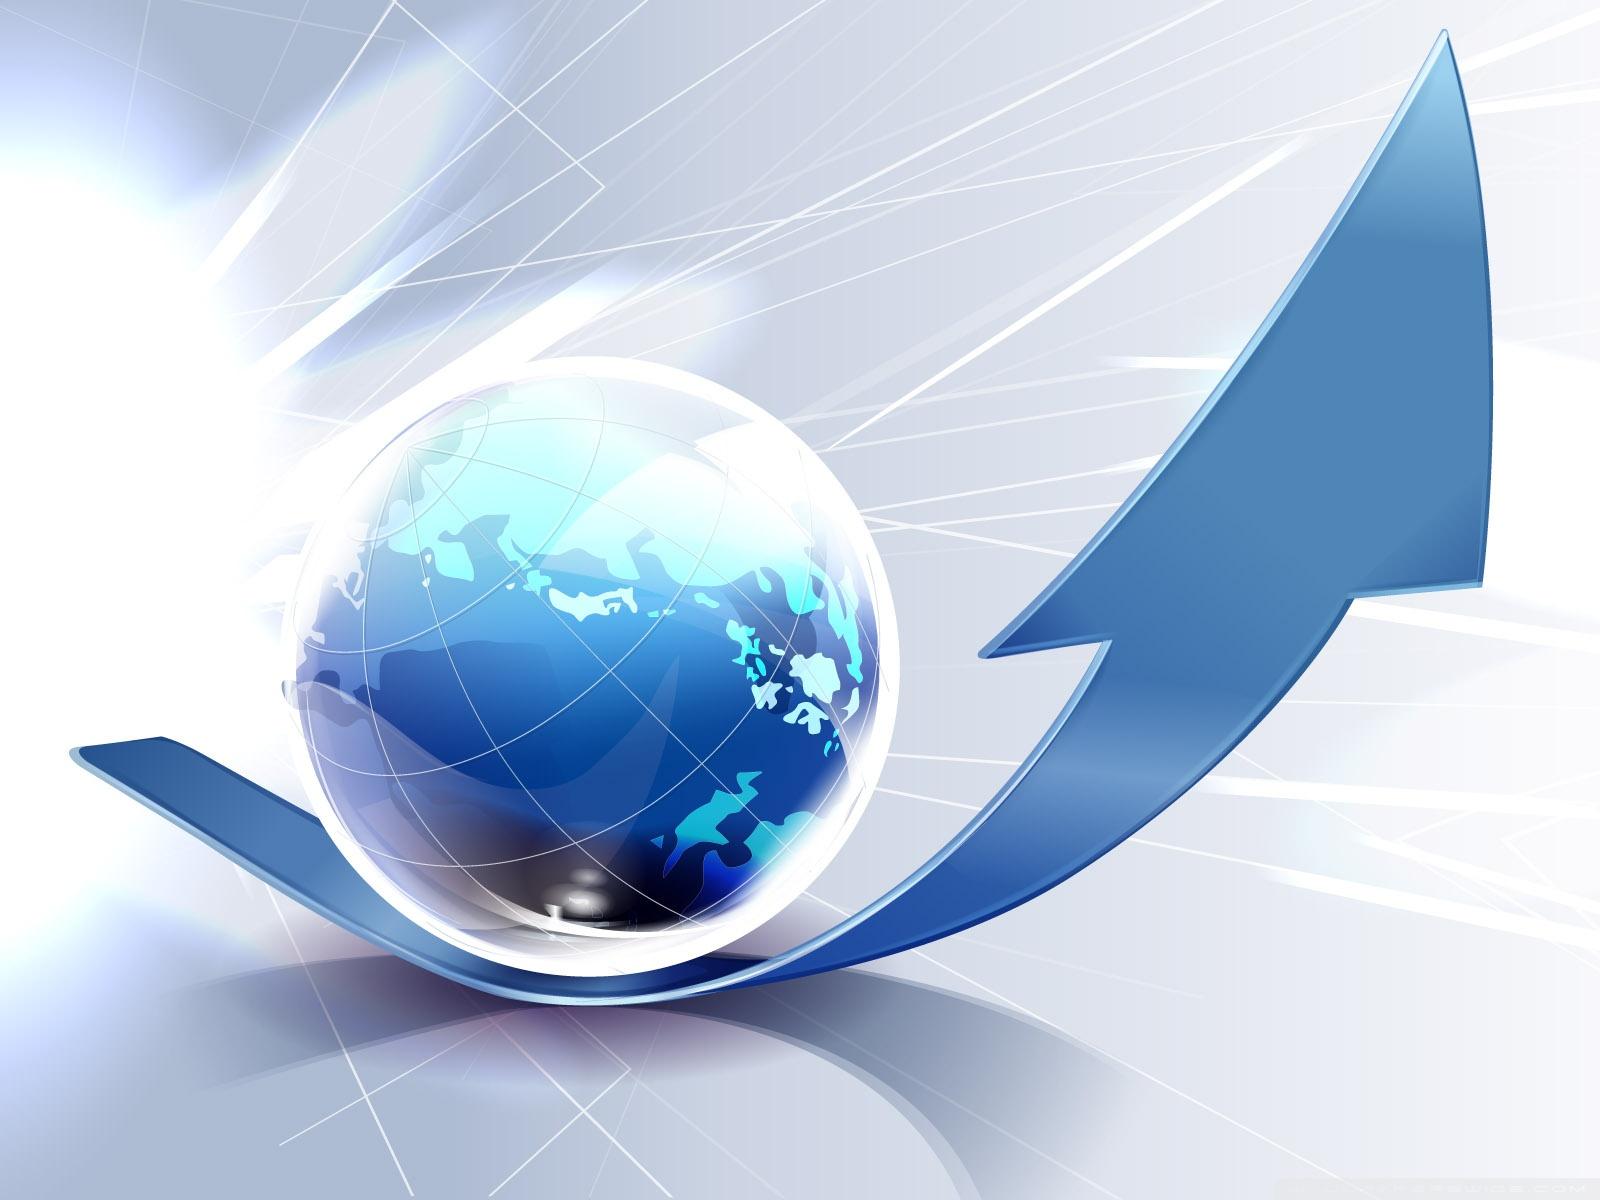 Internet Sim 233 Trico Para Empresas Una Soluci 243 N De Calidad